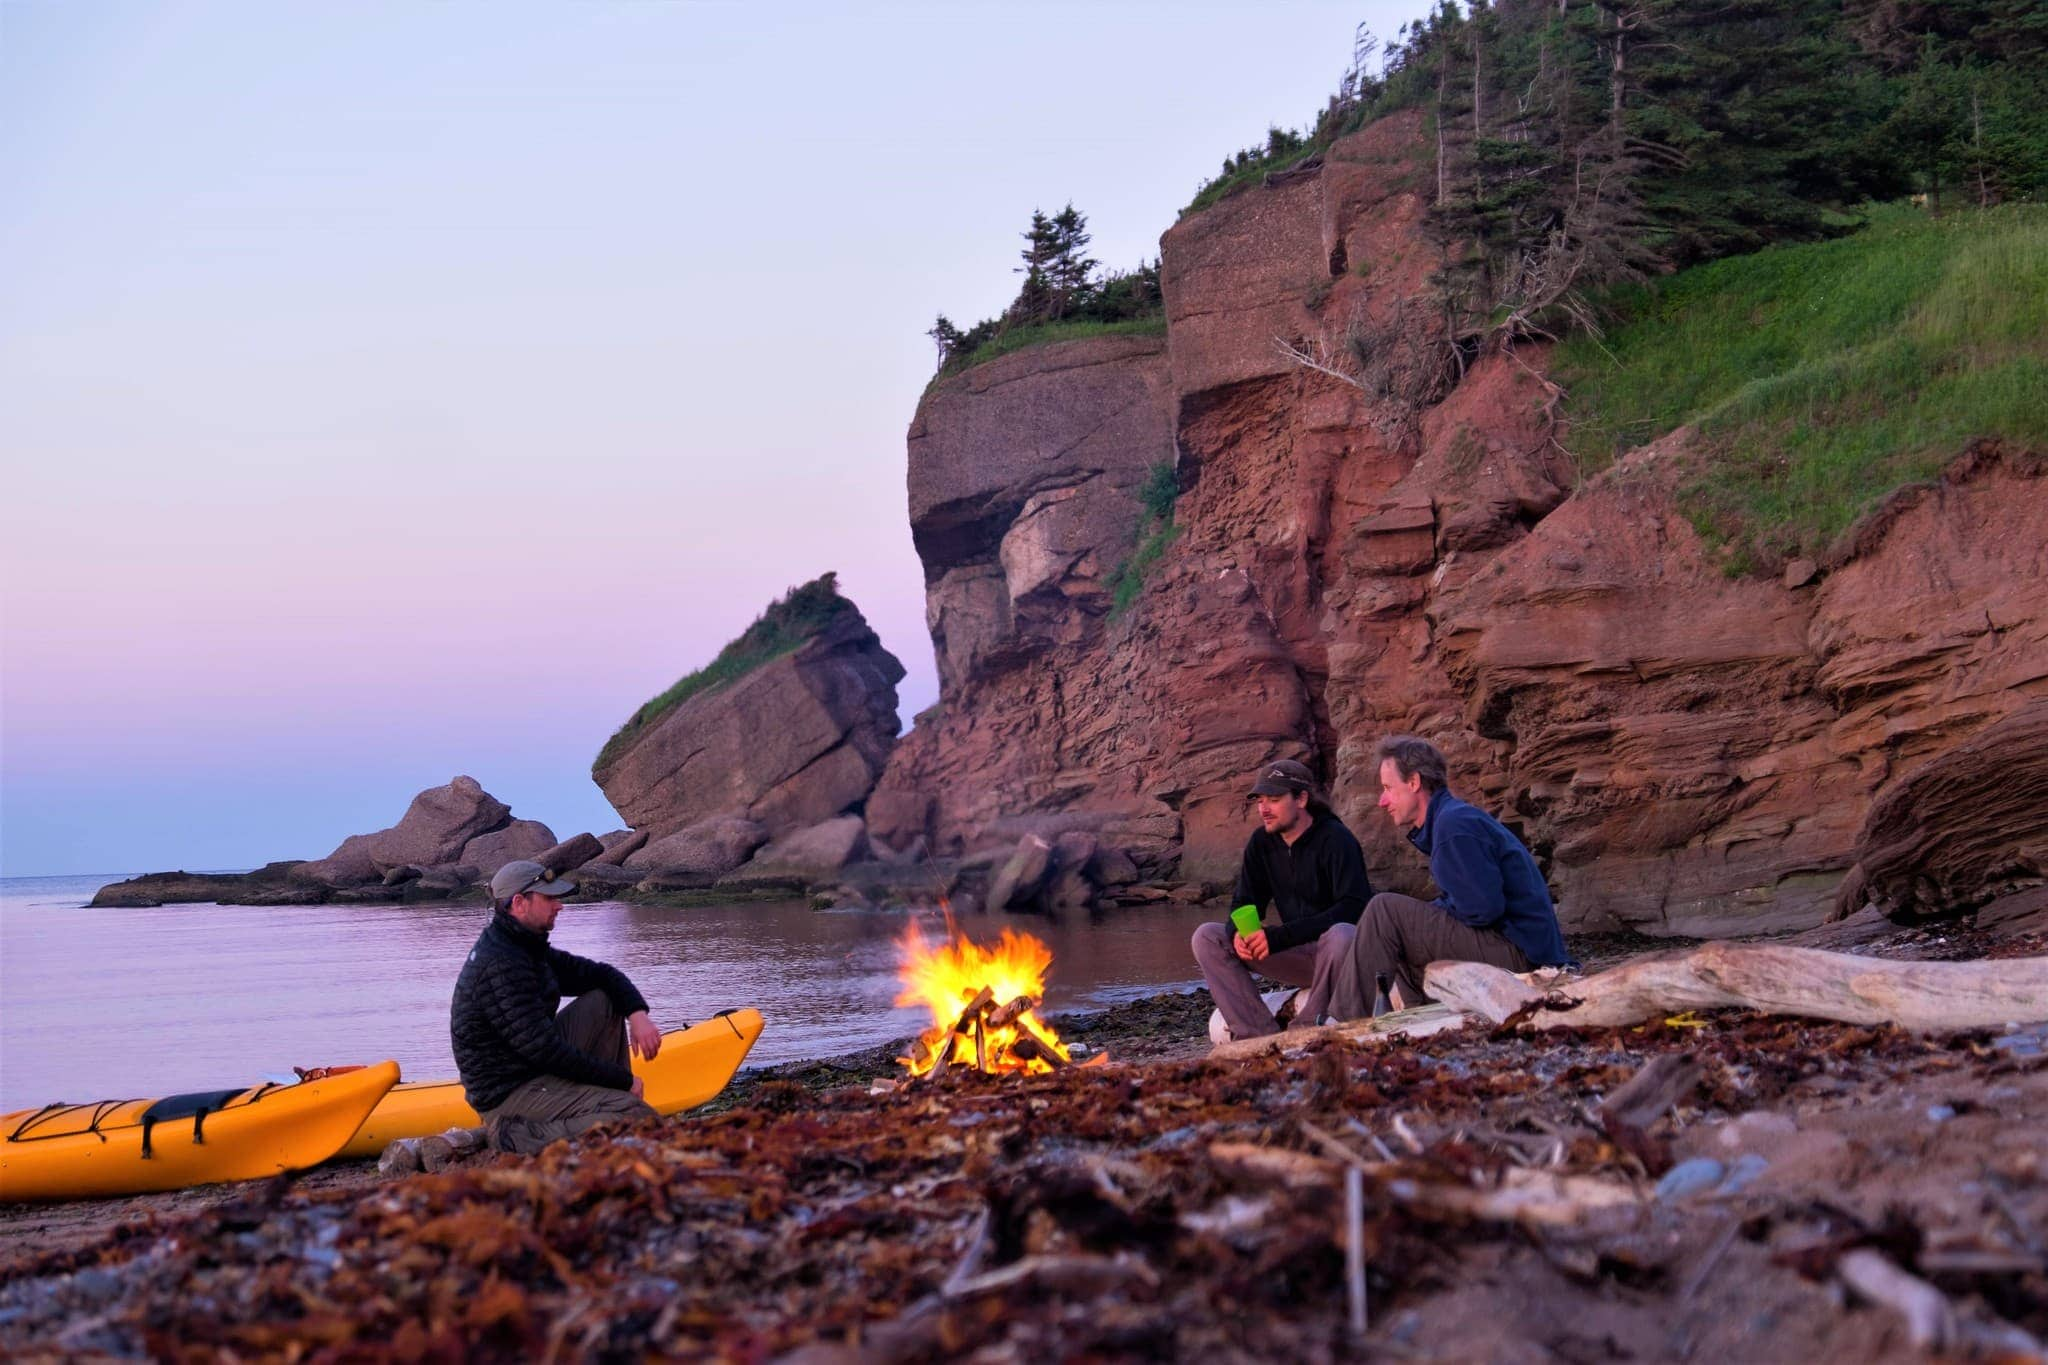 Soirée sur la plage au camping Tête d'Indien